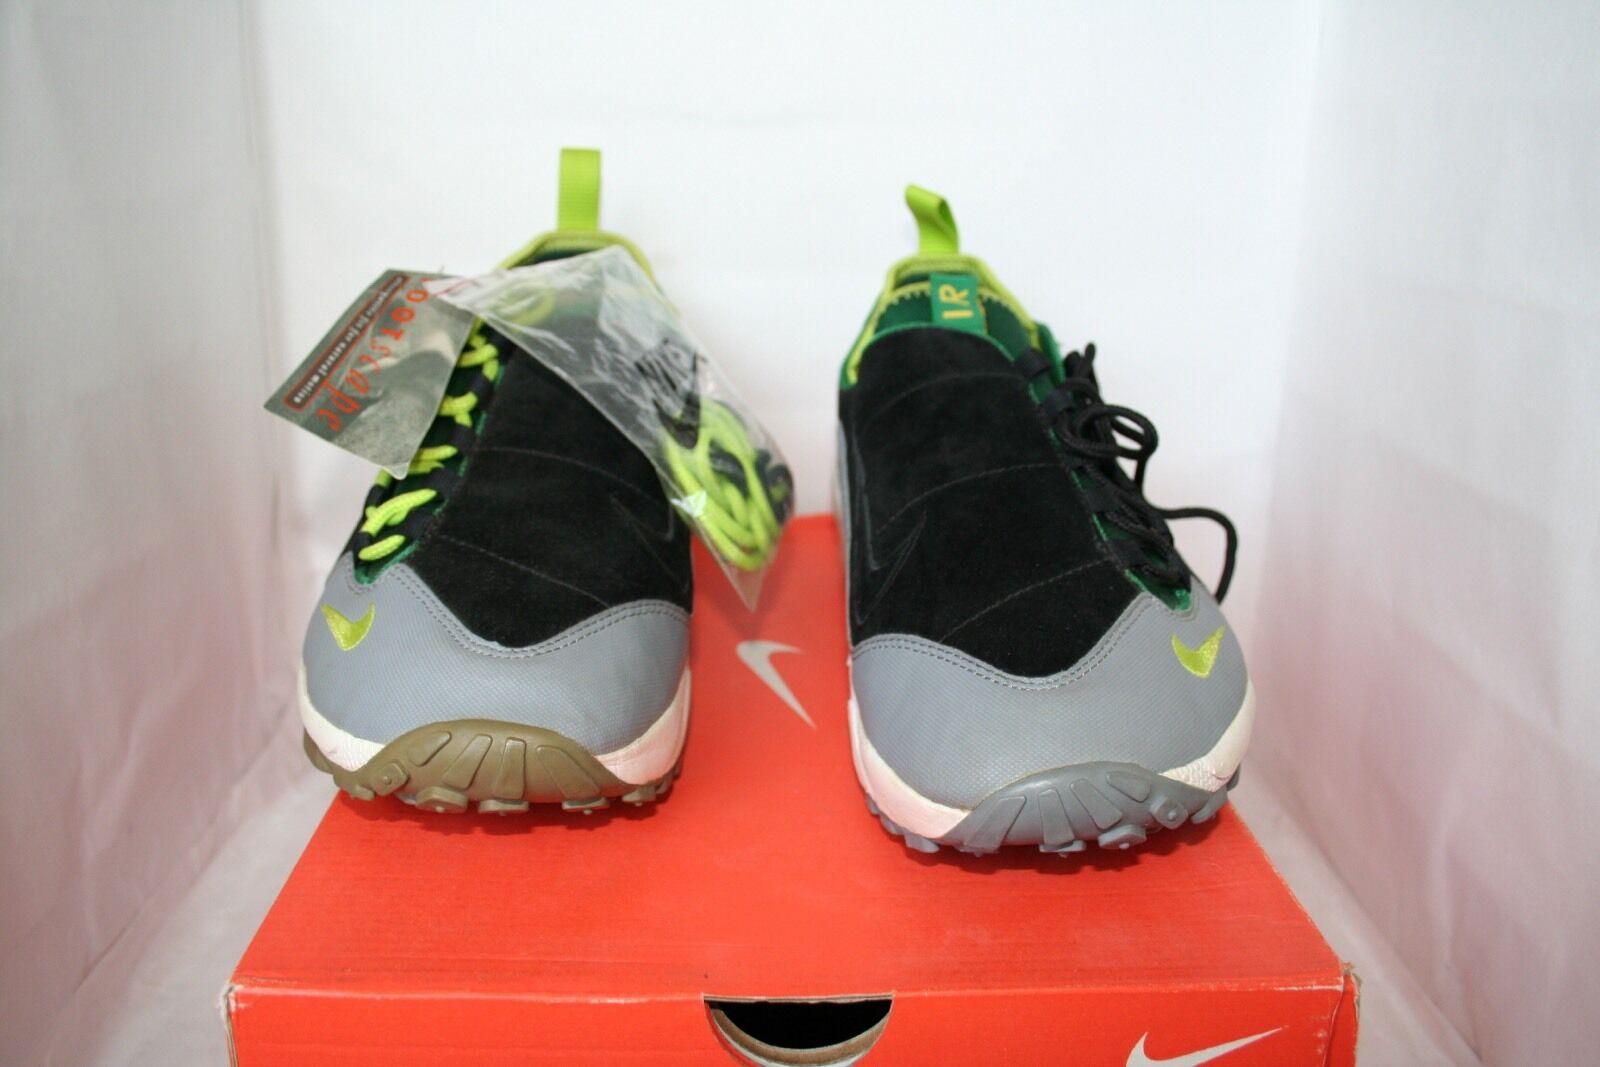 nike air footscape stichprobe grünen schwarz - grau - grünen stichprobe neon - größe 9 oberste deadstock 3c02bb